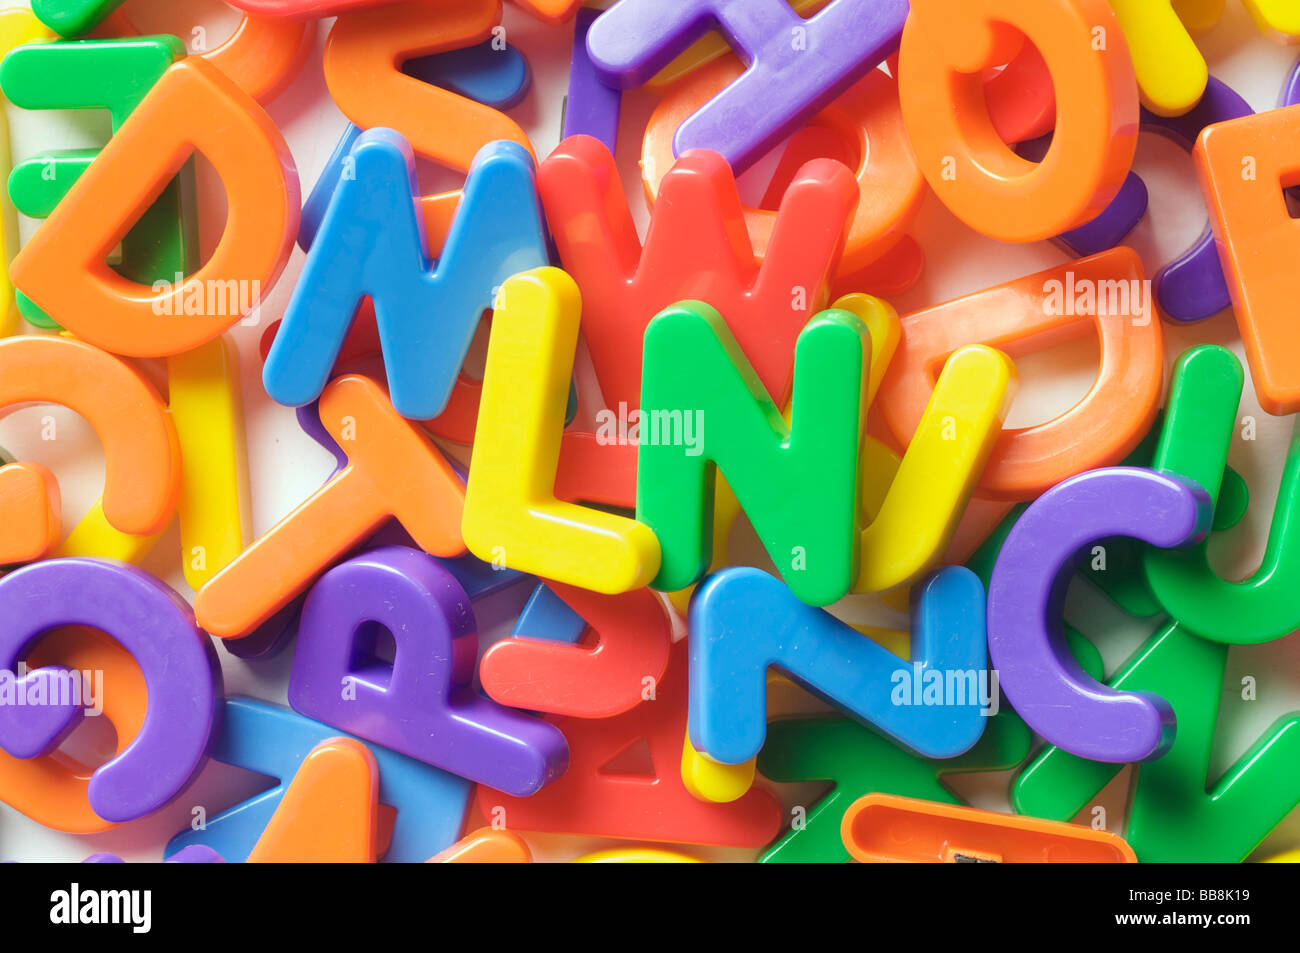 Los caracteres alfabéticos, letras, multicolor Imagen De Stock